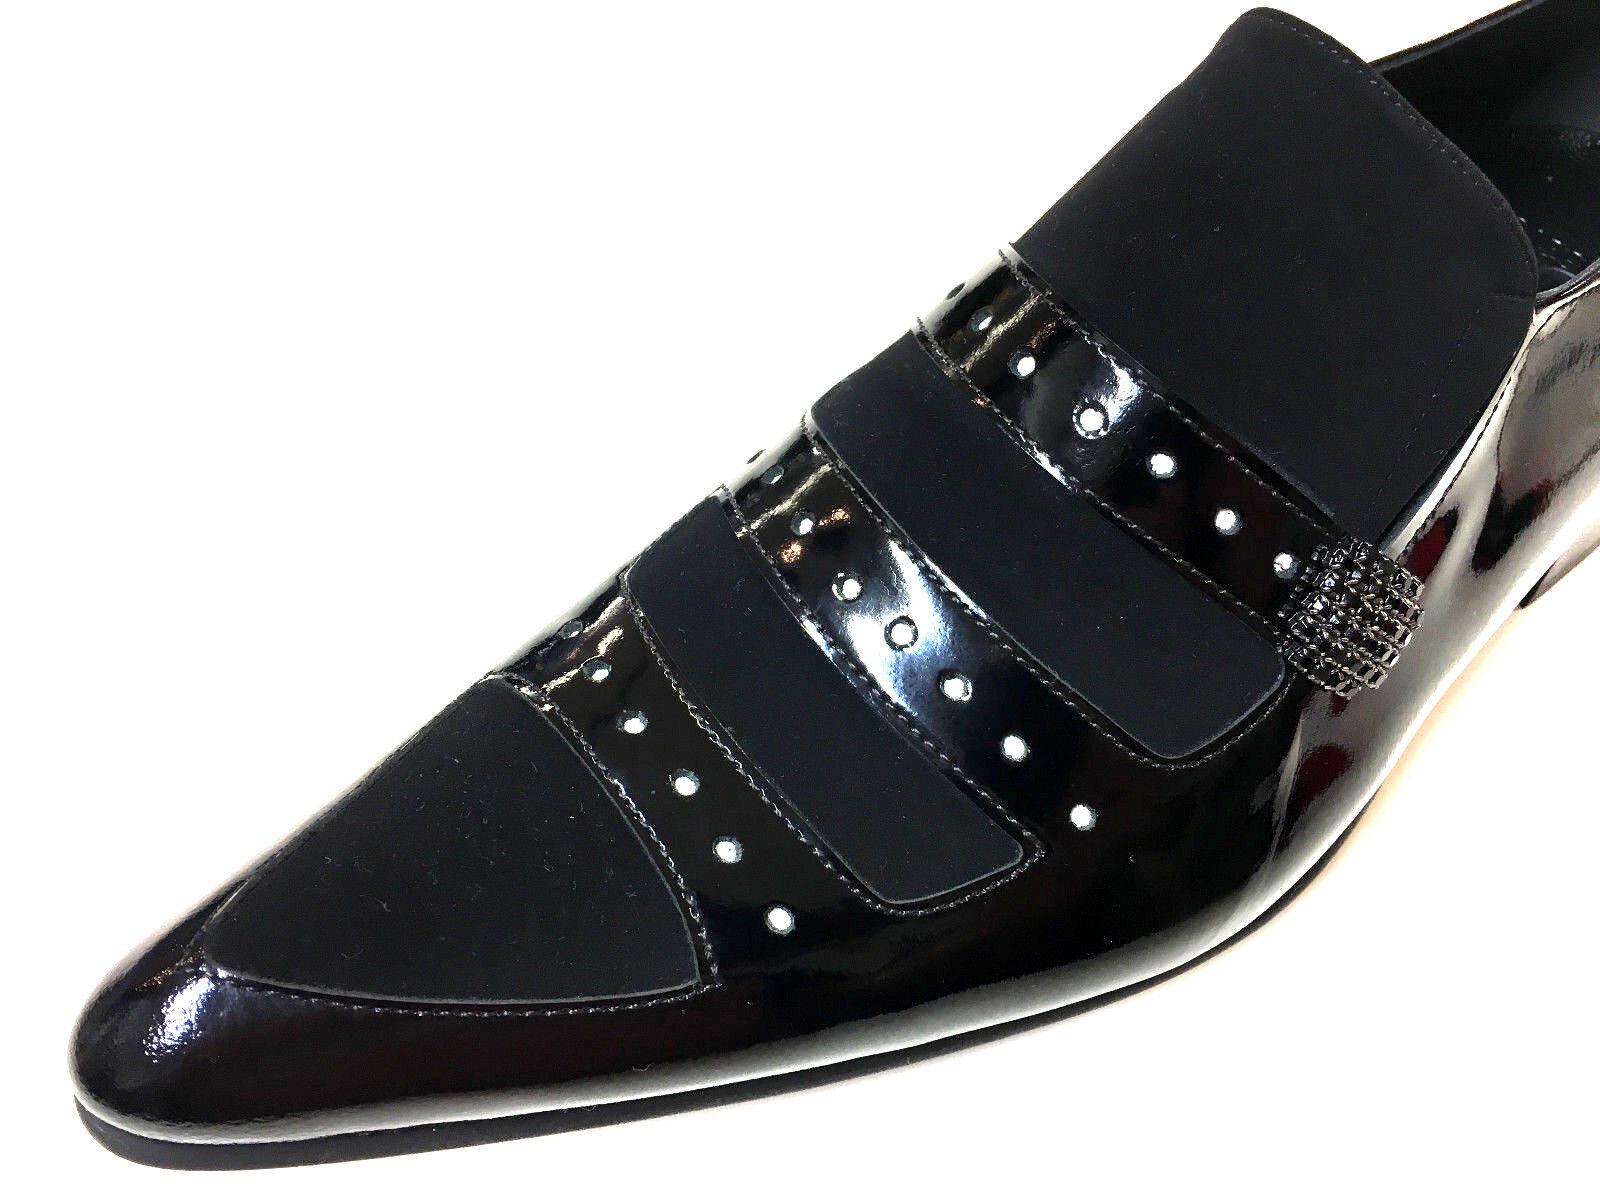 Los últimos zapatos de descuento para hombres y mujeres Chelsy extravagantes Designer cuero zapatos caballero negras suela de cuero Slipper 44